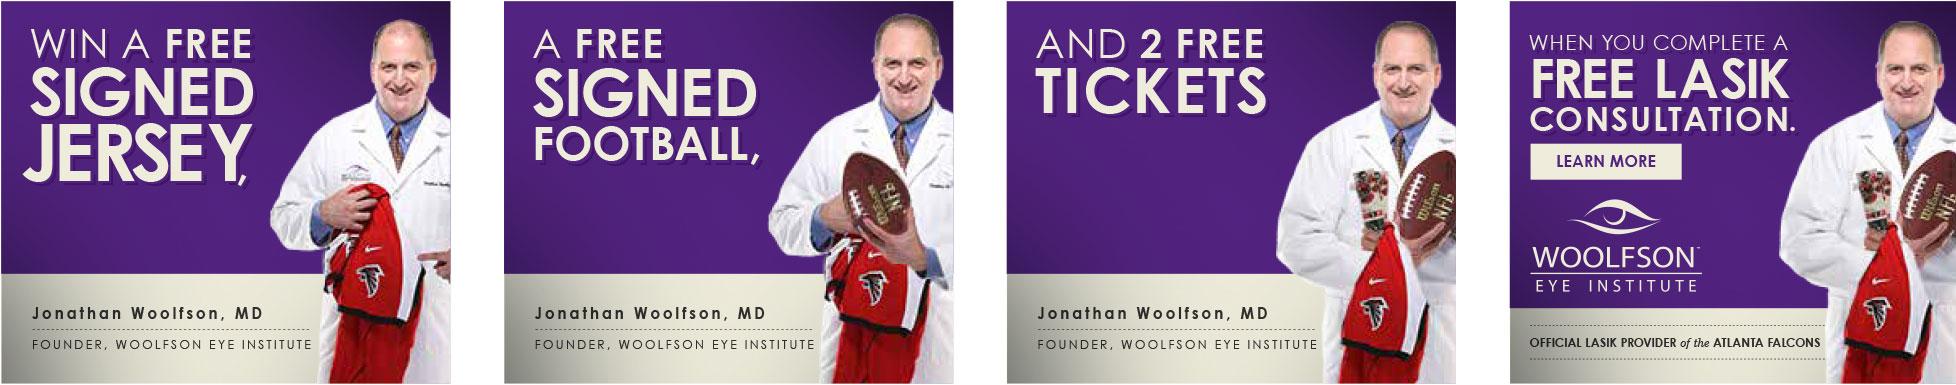 WEI_Falcons-Fan-Pack-Banners-1d-4.jpg